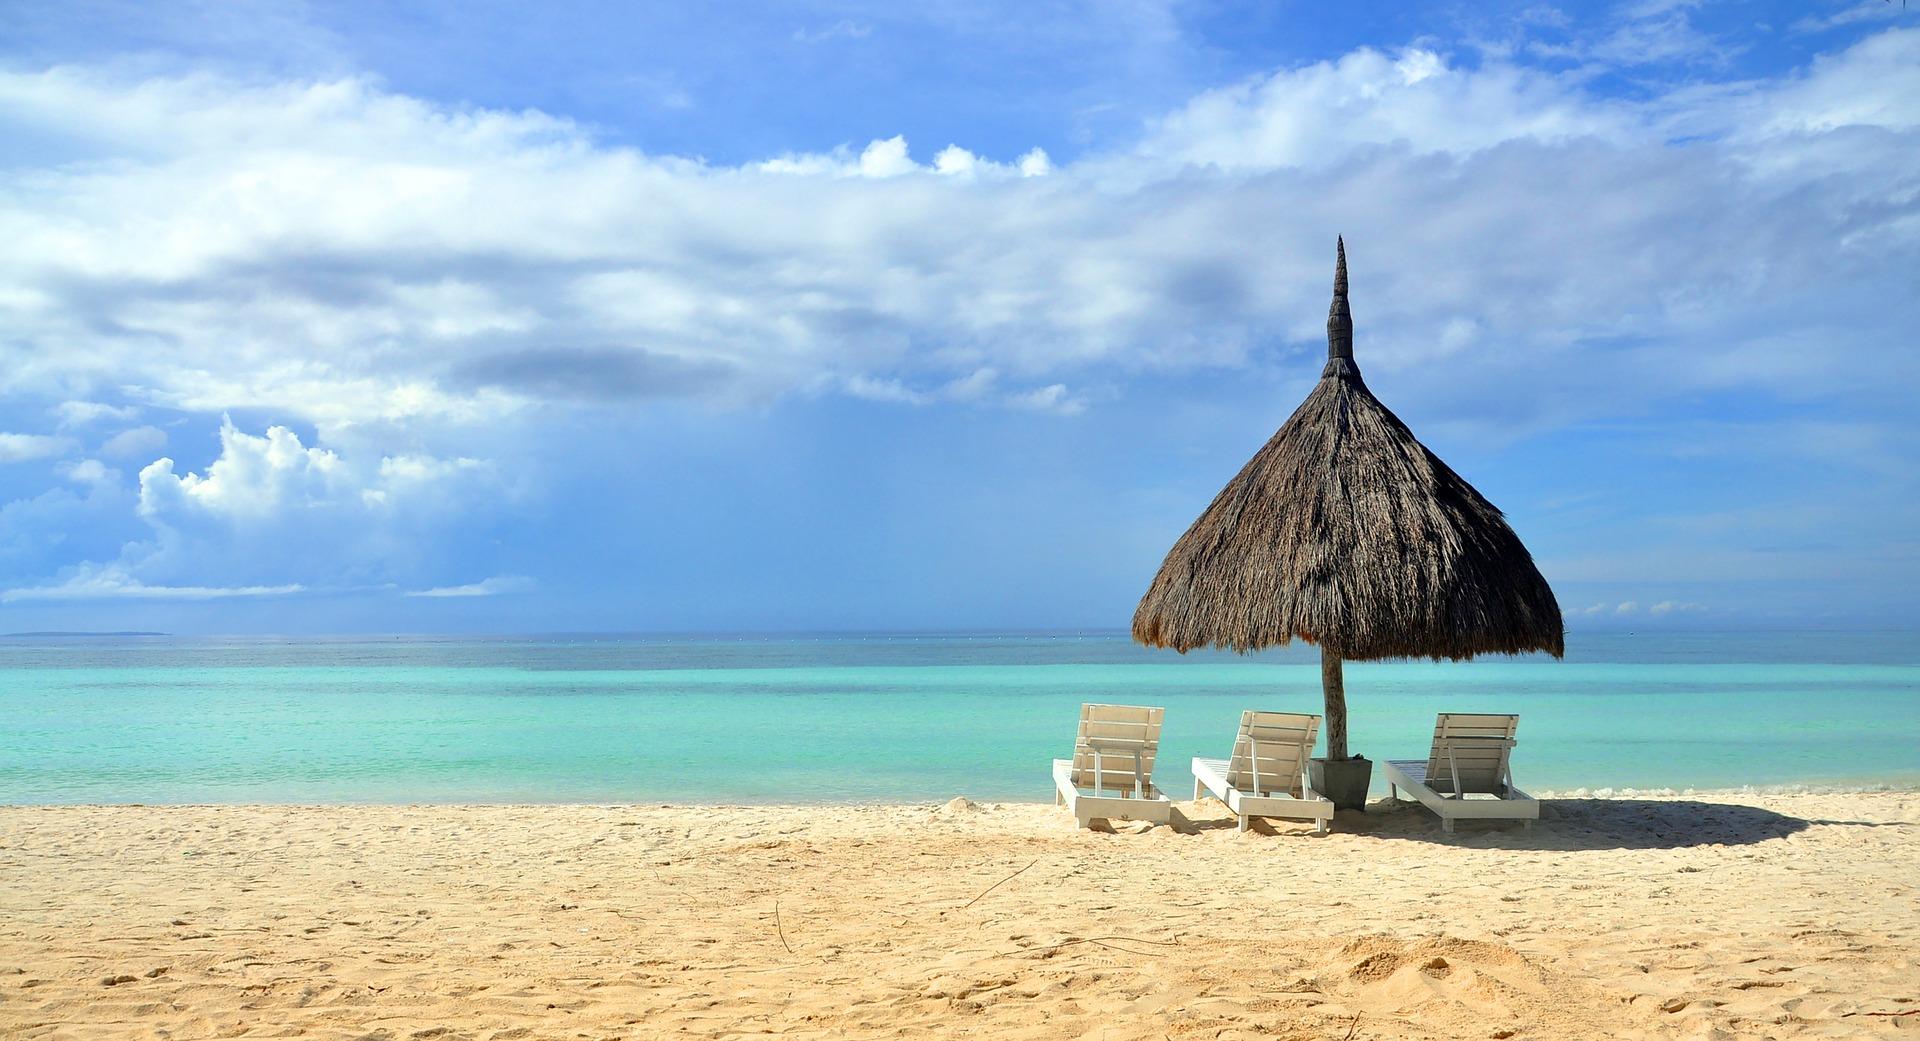 Philippinen Urlaub?